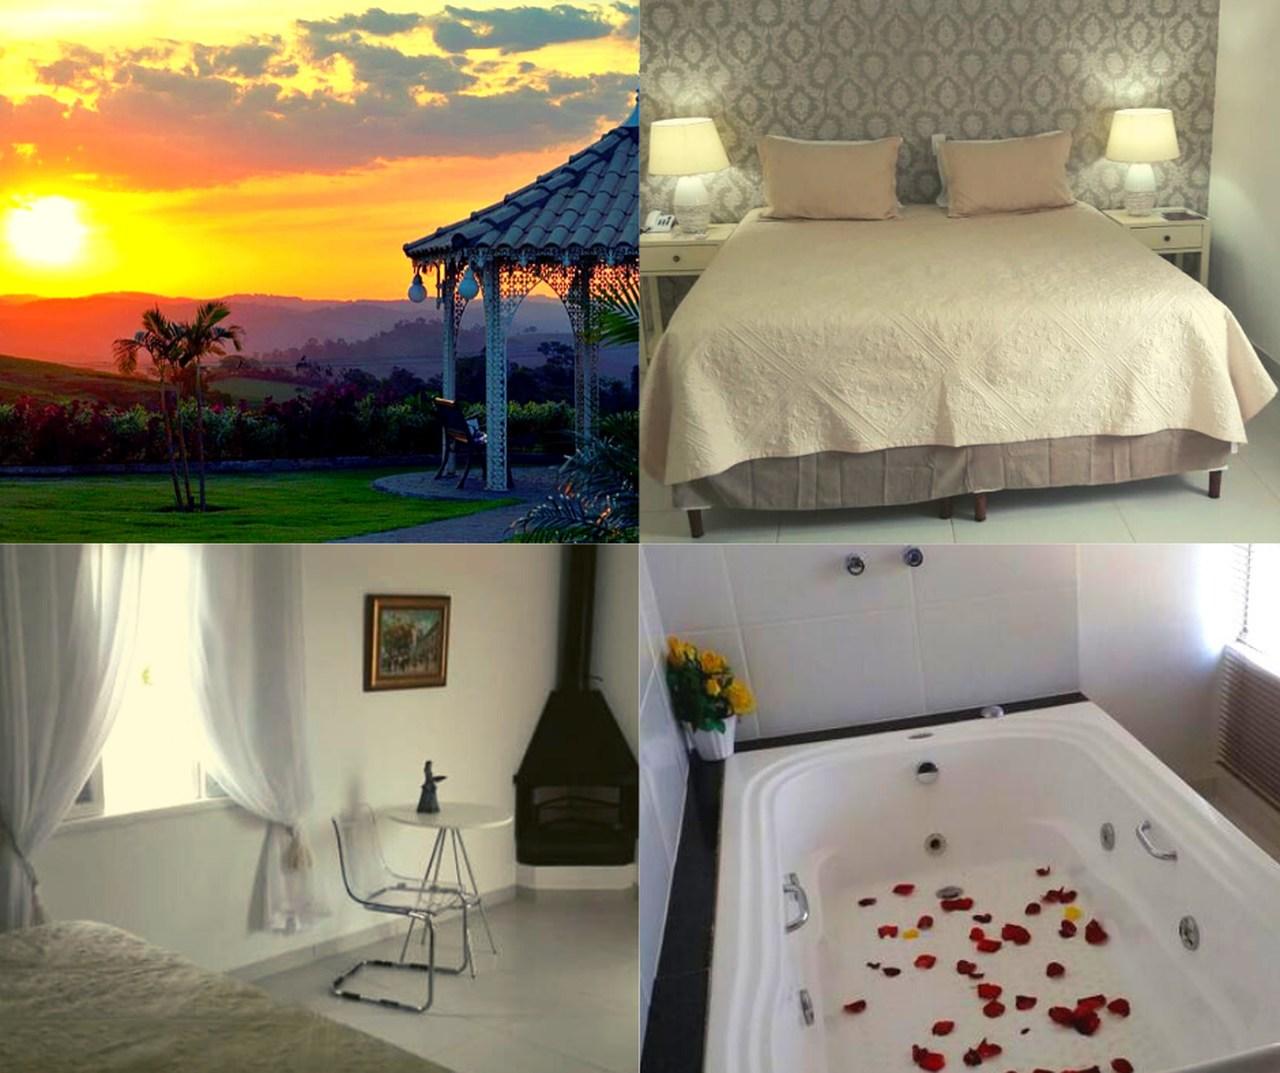 Pousada Princesa do Vale em Belo Vale – Hospedagem de clima romântico perto de Belo Horizonte